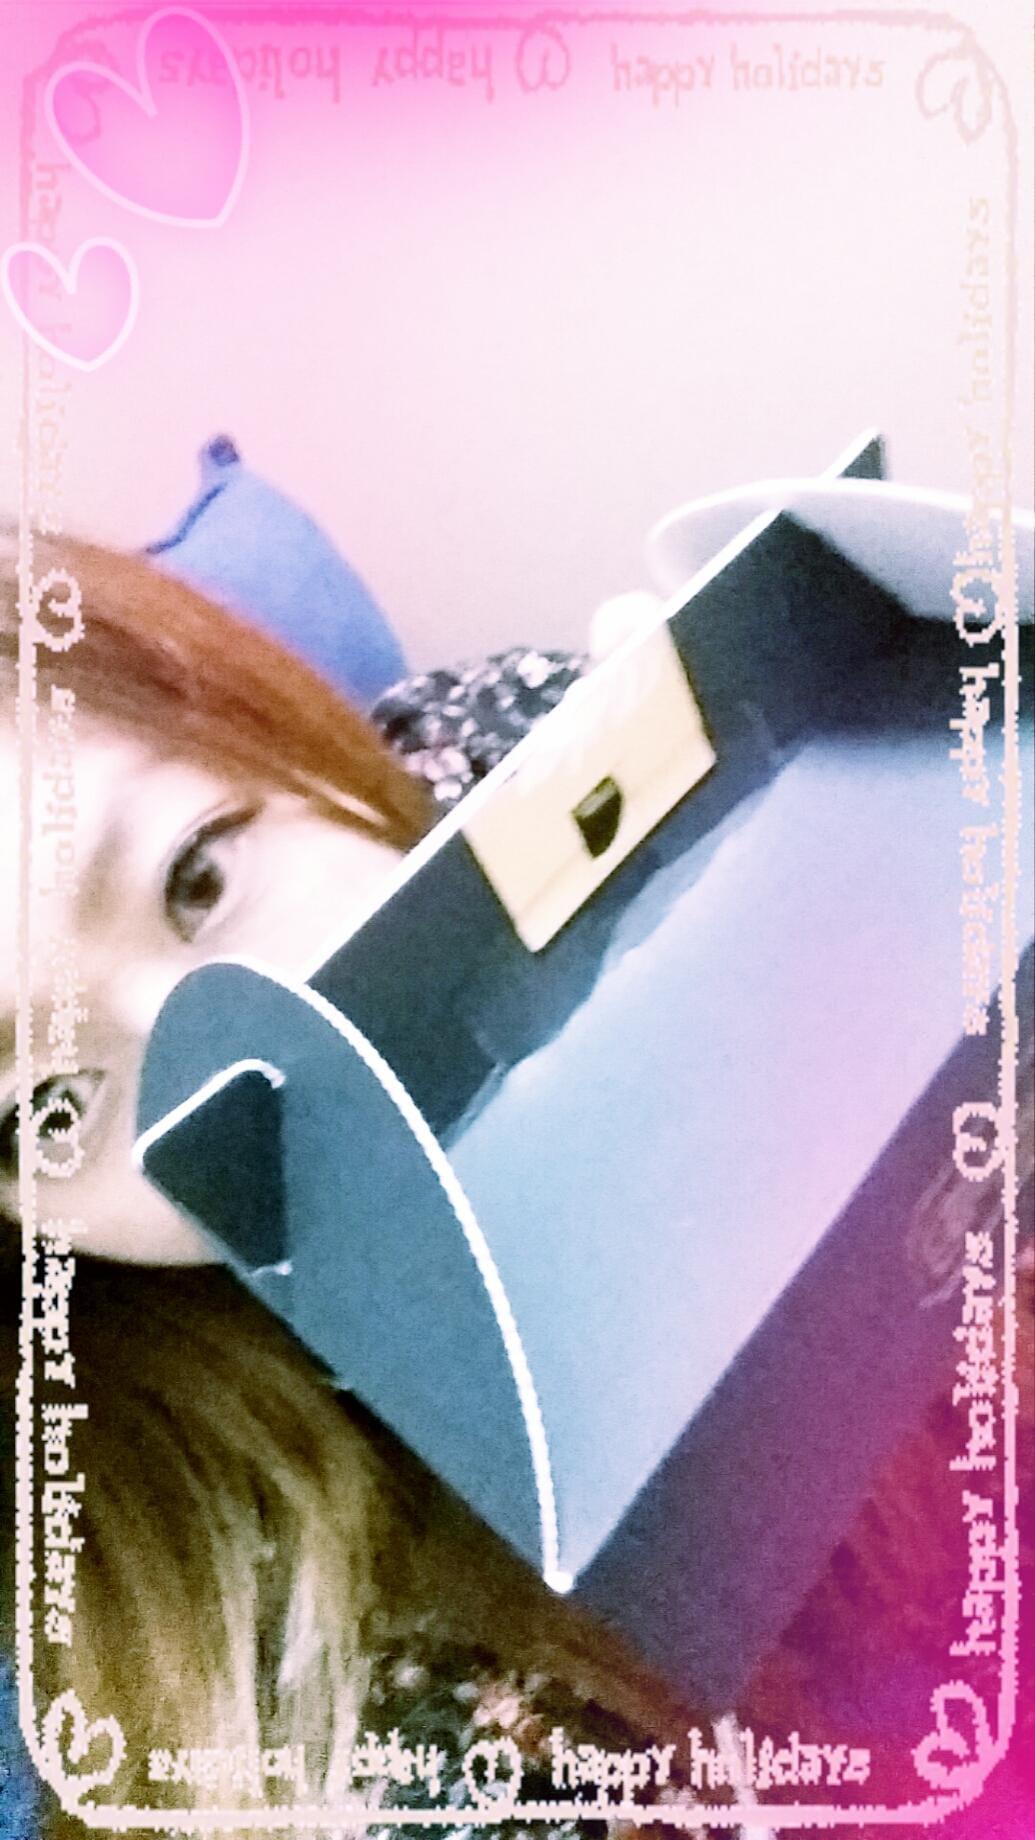 優子-ゆうこ「お礼」09/18(火) 17:29 | 優子-ゆうこの写メ・風俗動画